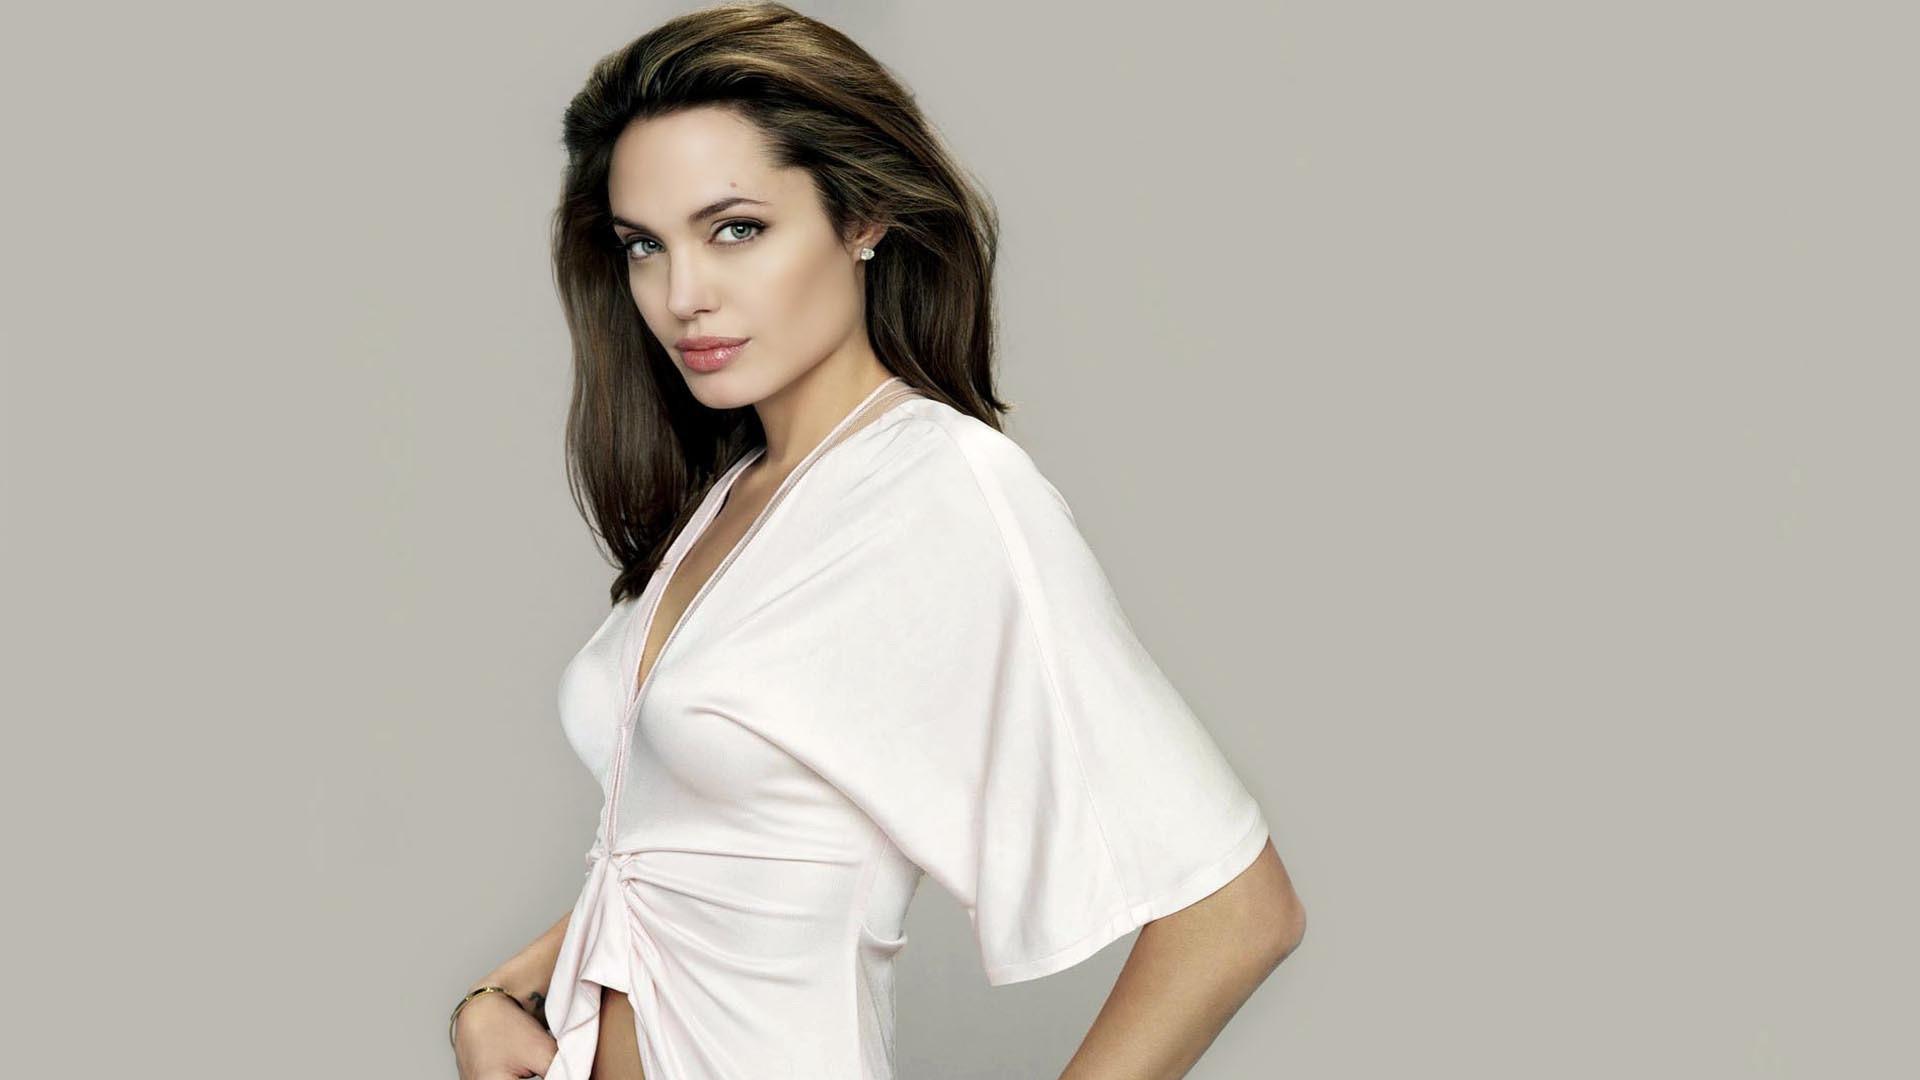 Angelina Jolie Wallpapers 2